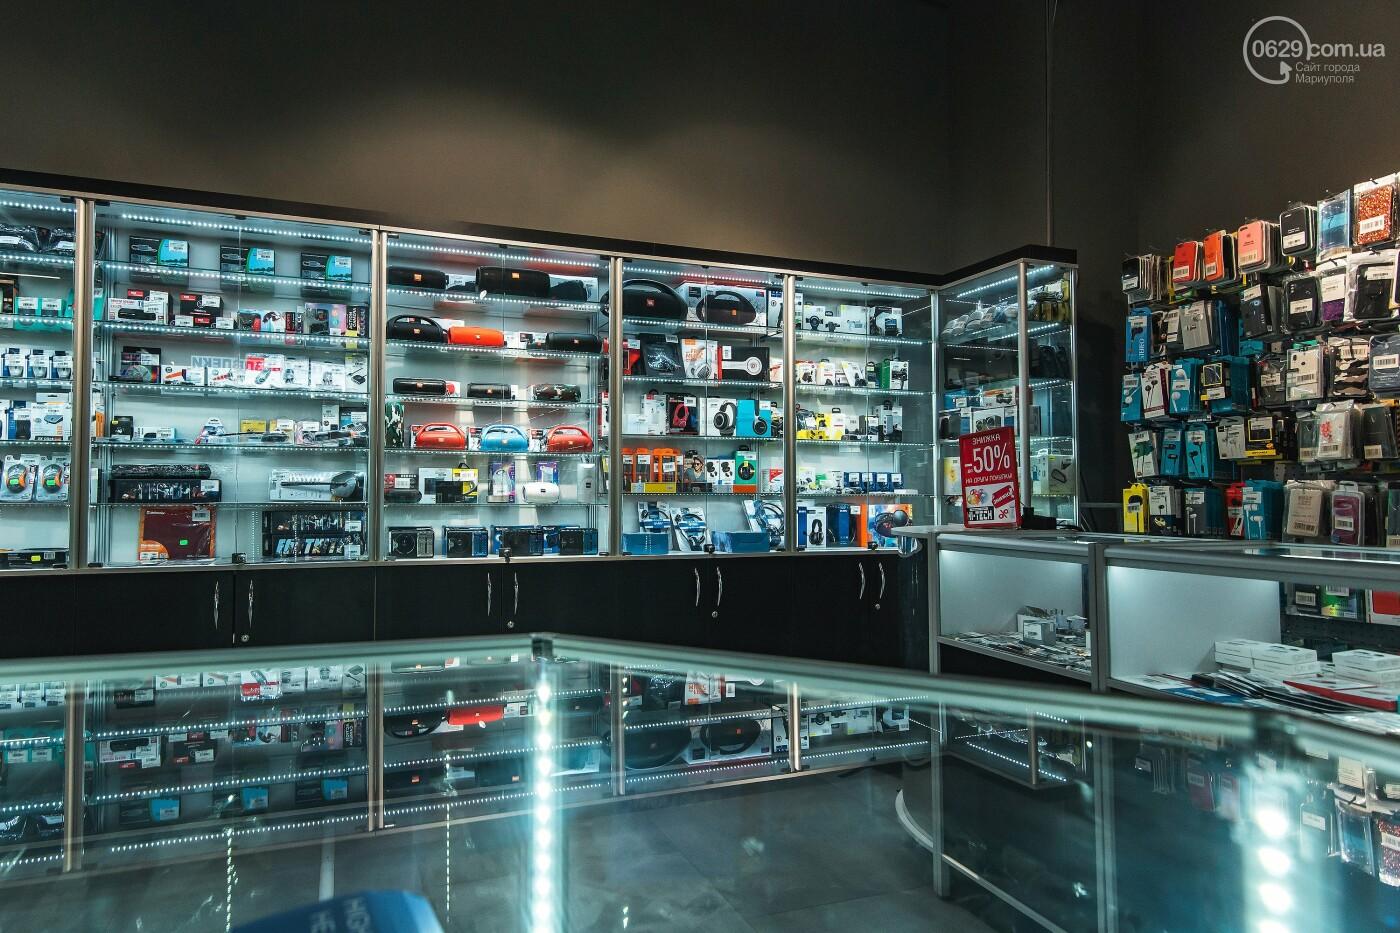 Магазин гаджетов и аксессуаров «Hi-tech» - Ваш помощник в выборе лучшей смарт-техники!, фото-9